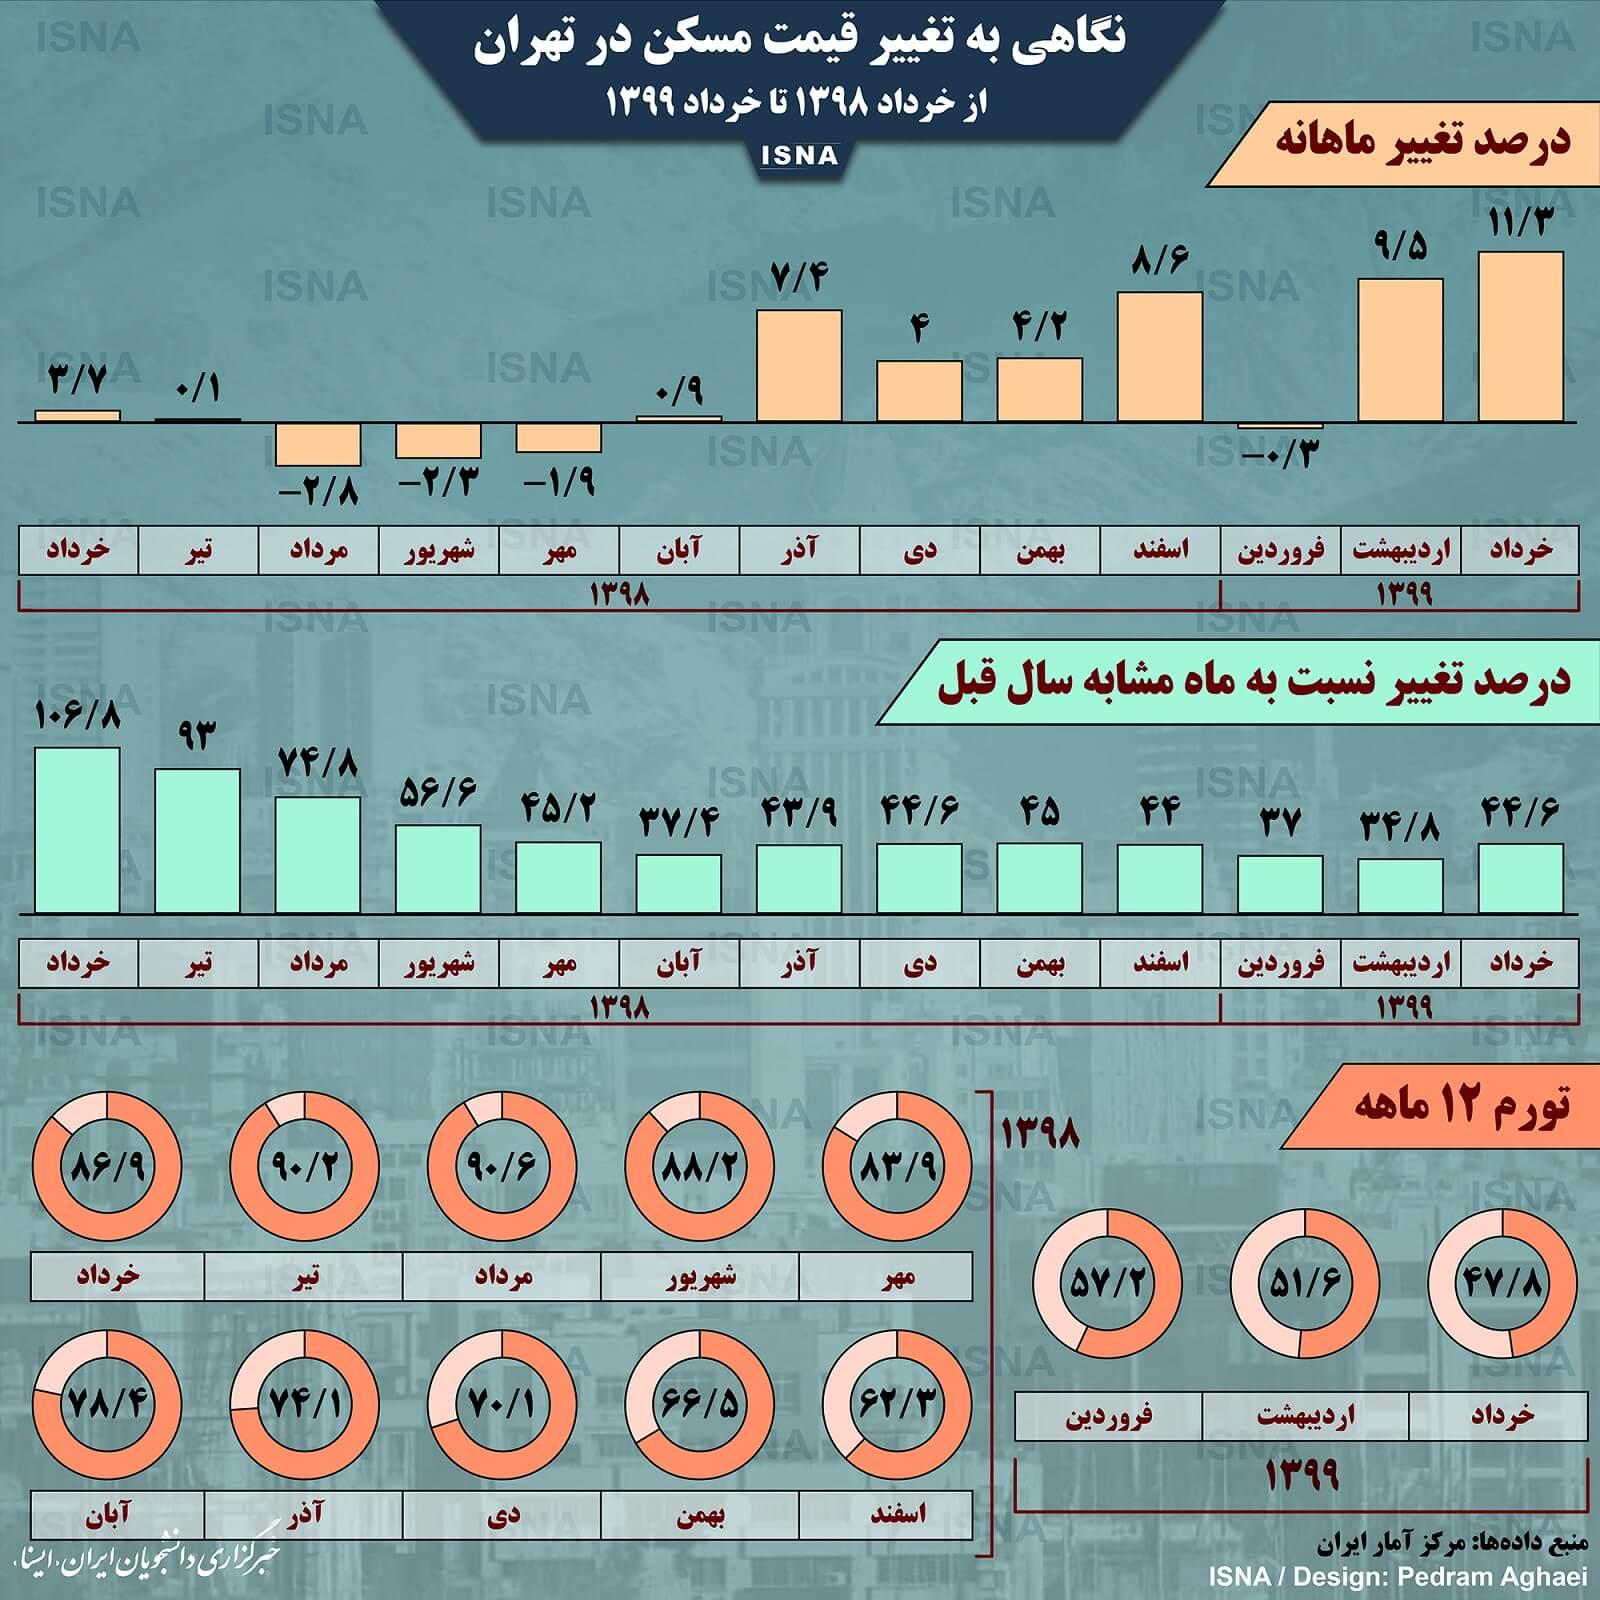 اینفوگرافیک: تغییر قیمت مسکن در تهران، از خرداد 98 تا خرداد 99